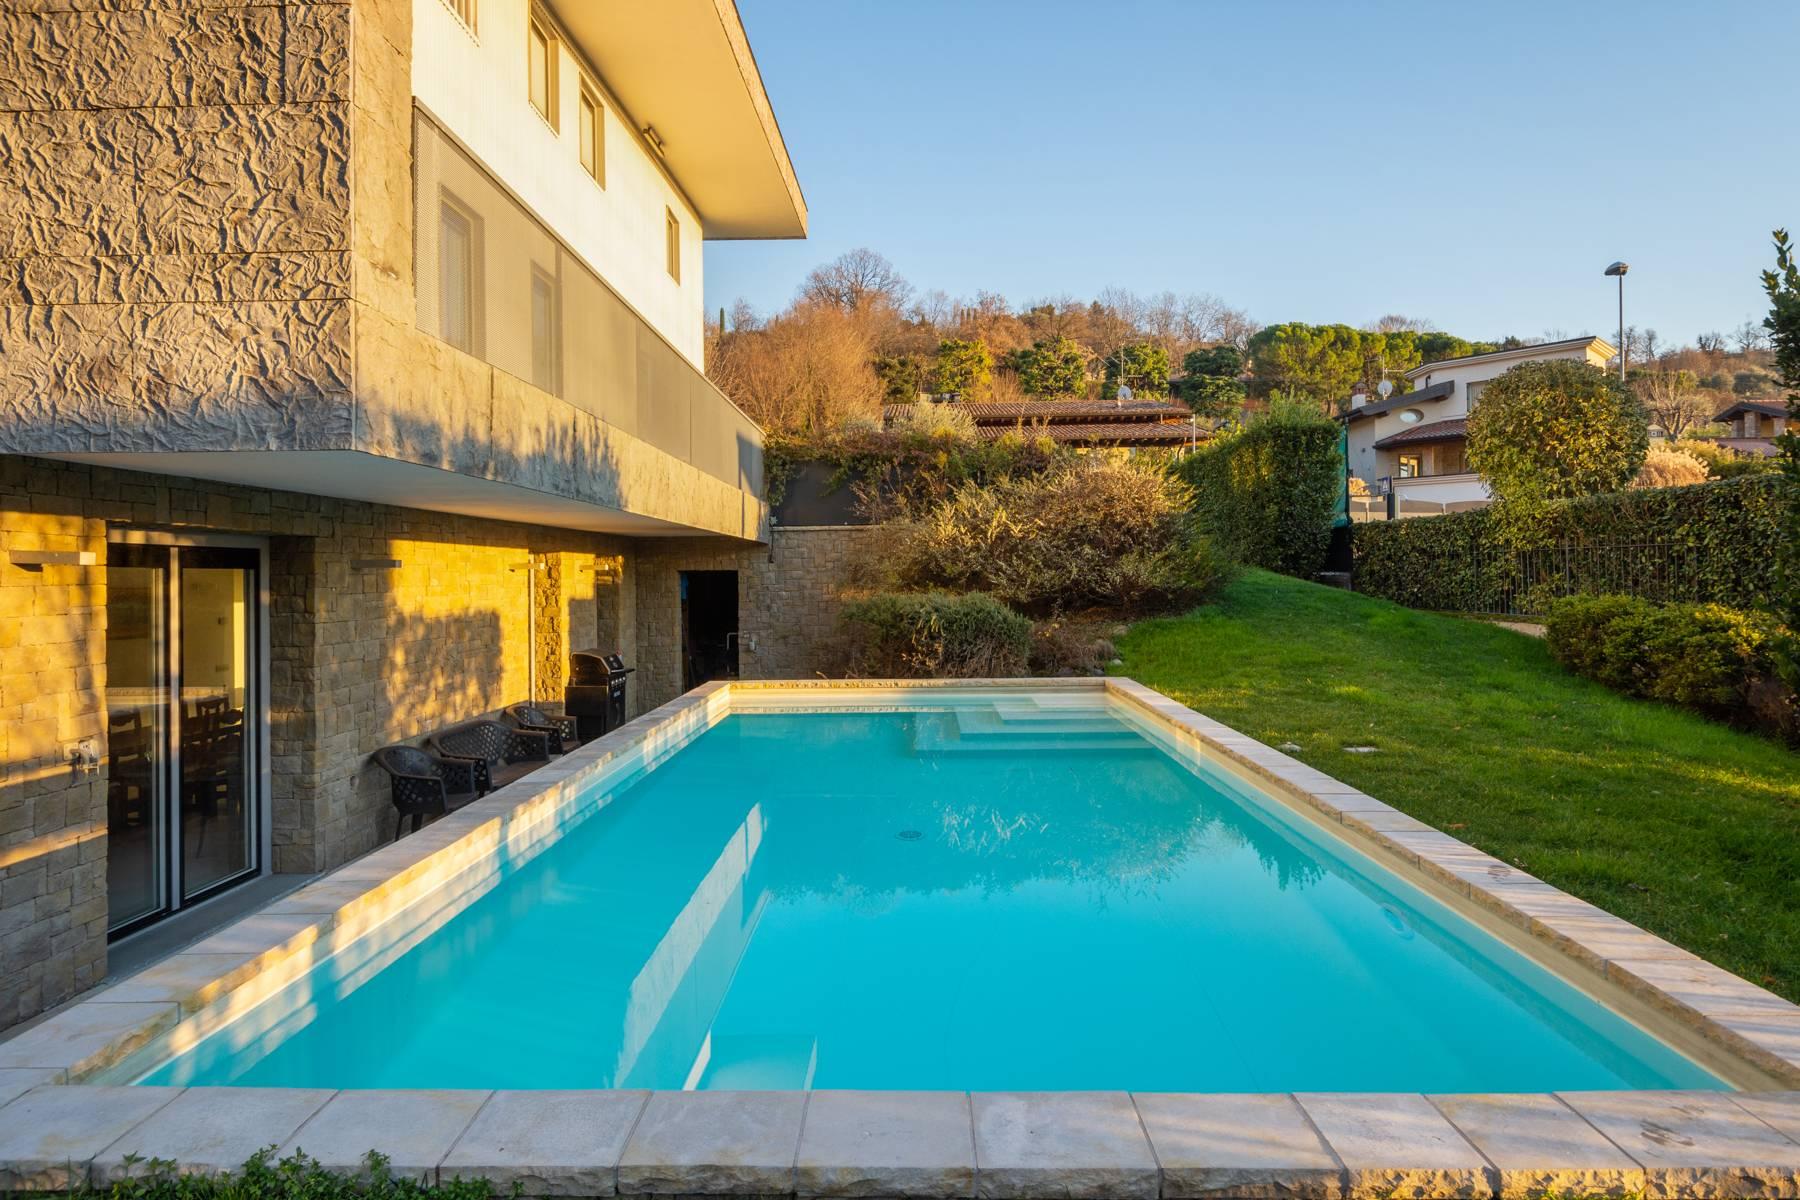 Villa in Vendita a Gussago: 5 locali, 424 mq - Foto 2